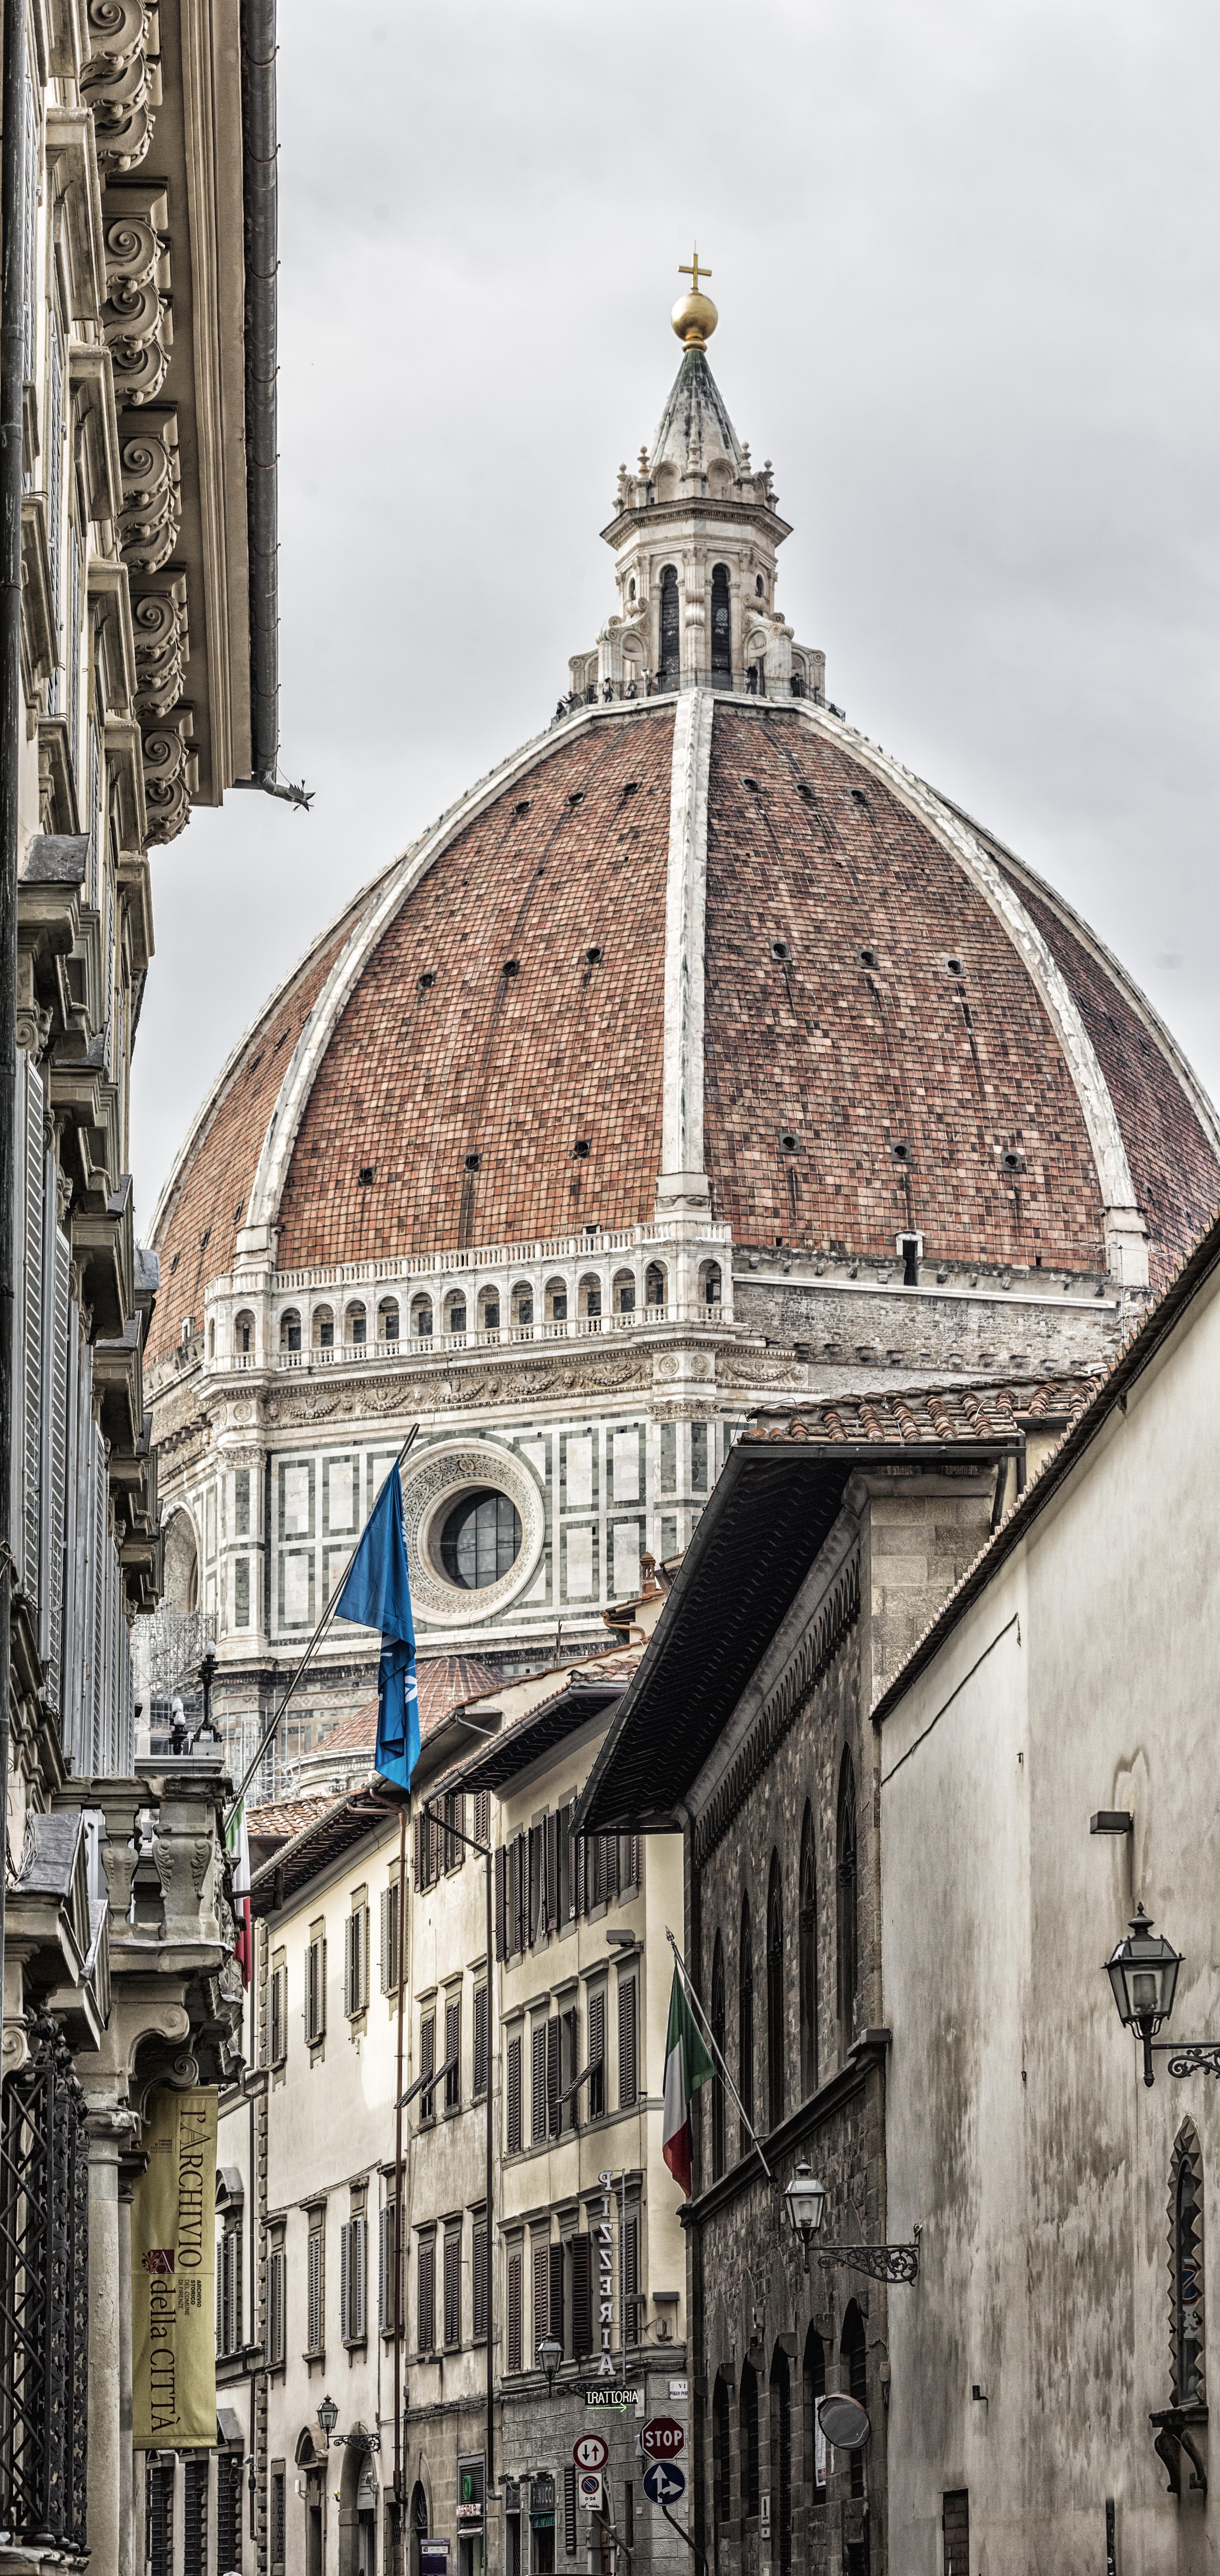 Melyik templom ékessége ez a kupola?